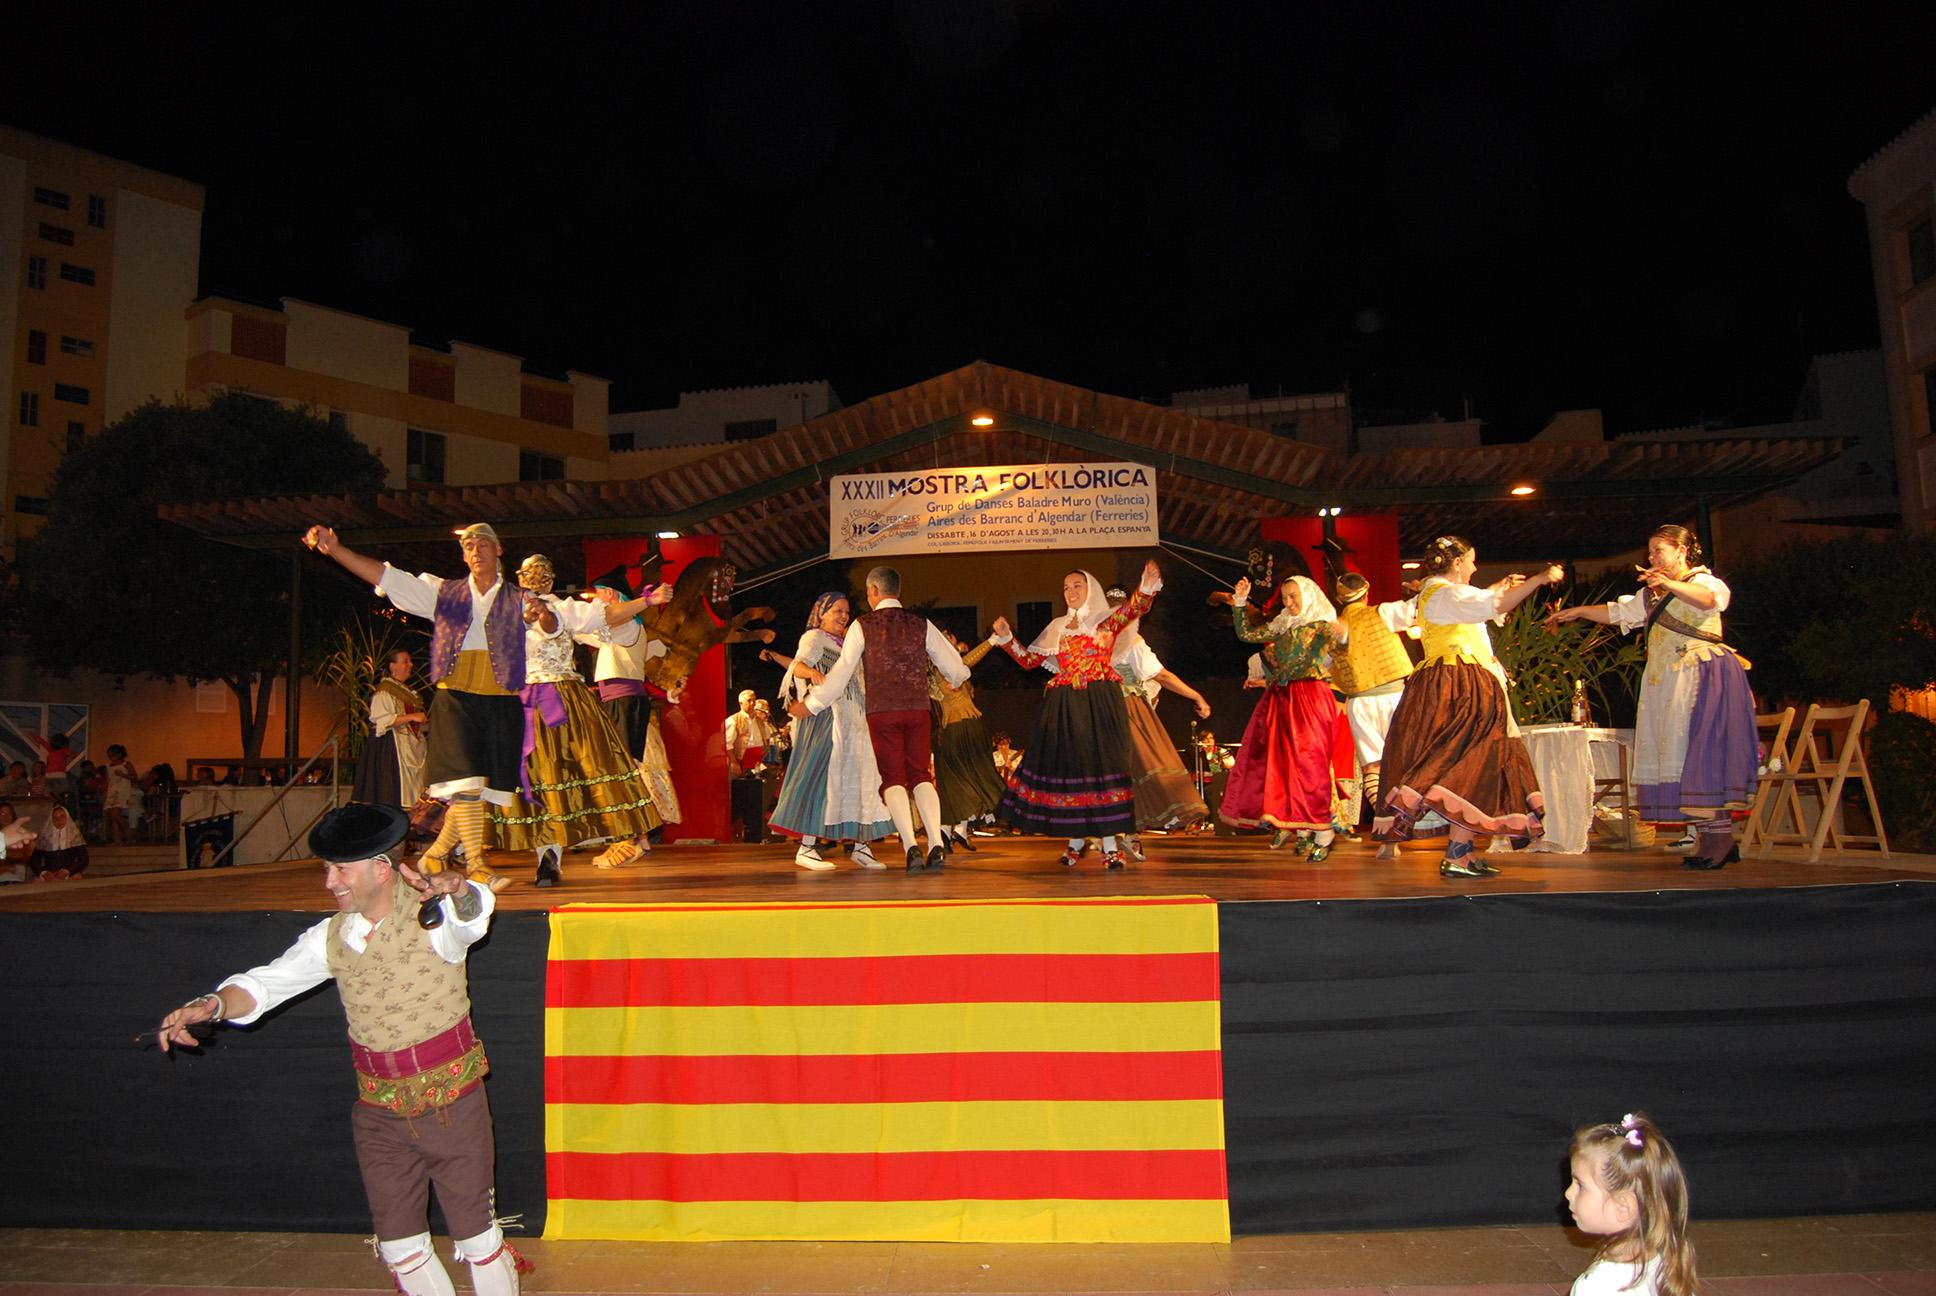 El Grup Es Barranc d'Algendar i El Grup Baladre varen ballar conjuntament la jota de Muro, la qual cosa va agradar molt al públic de Ferreries.